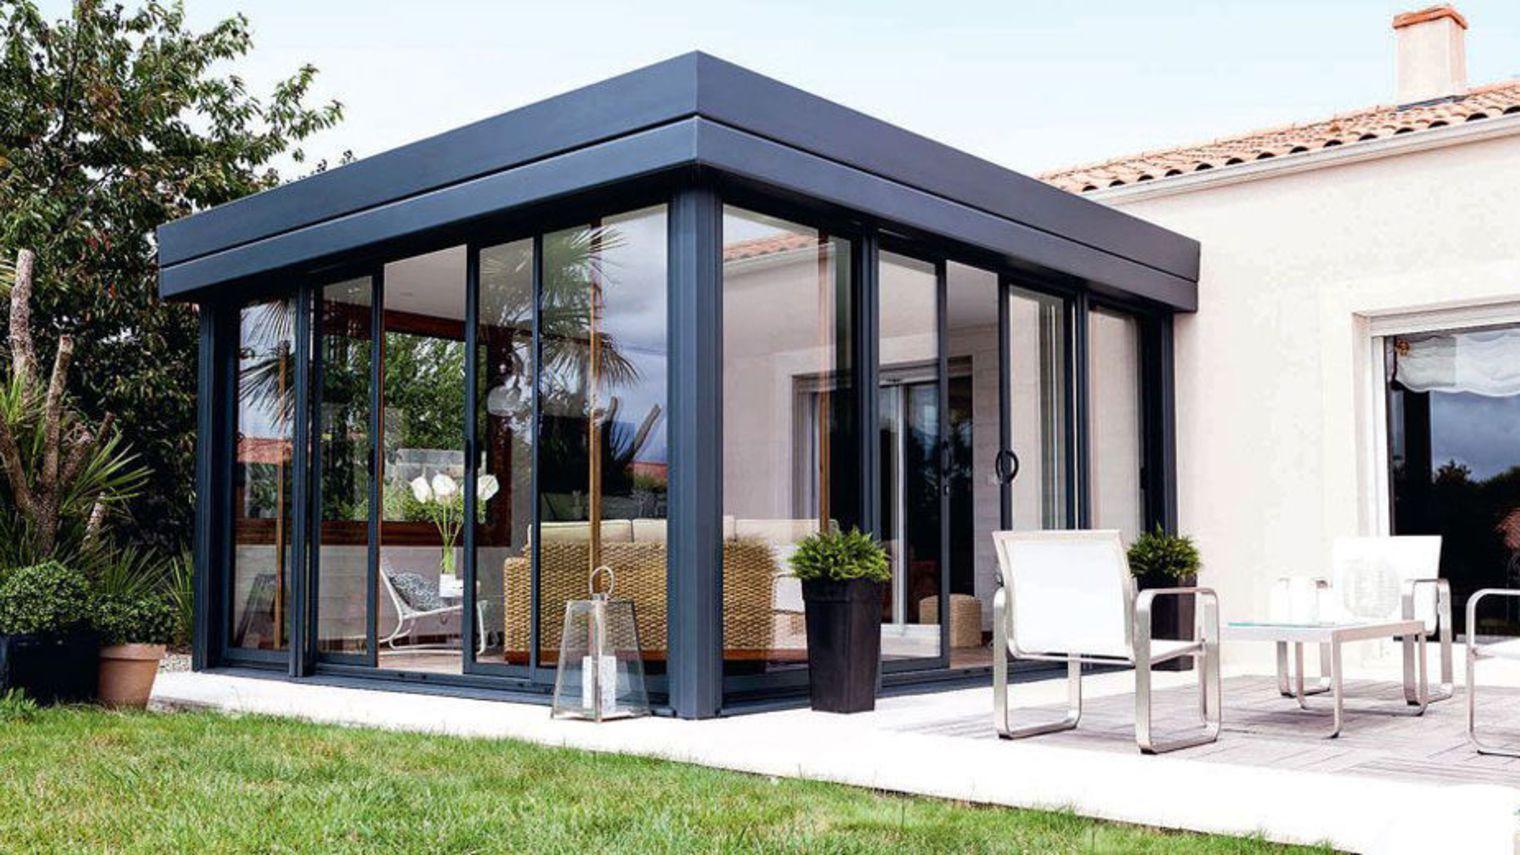 tous savoir sur les diff rents types de v randas astuces bricolage. Black Bedroom Furniture Sets. Home Design Ideas